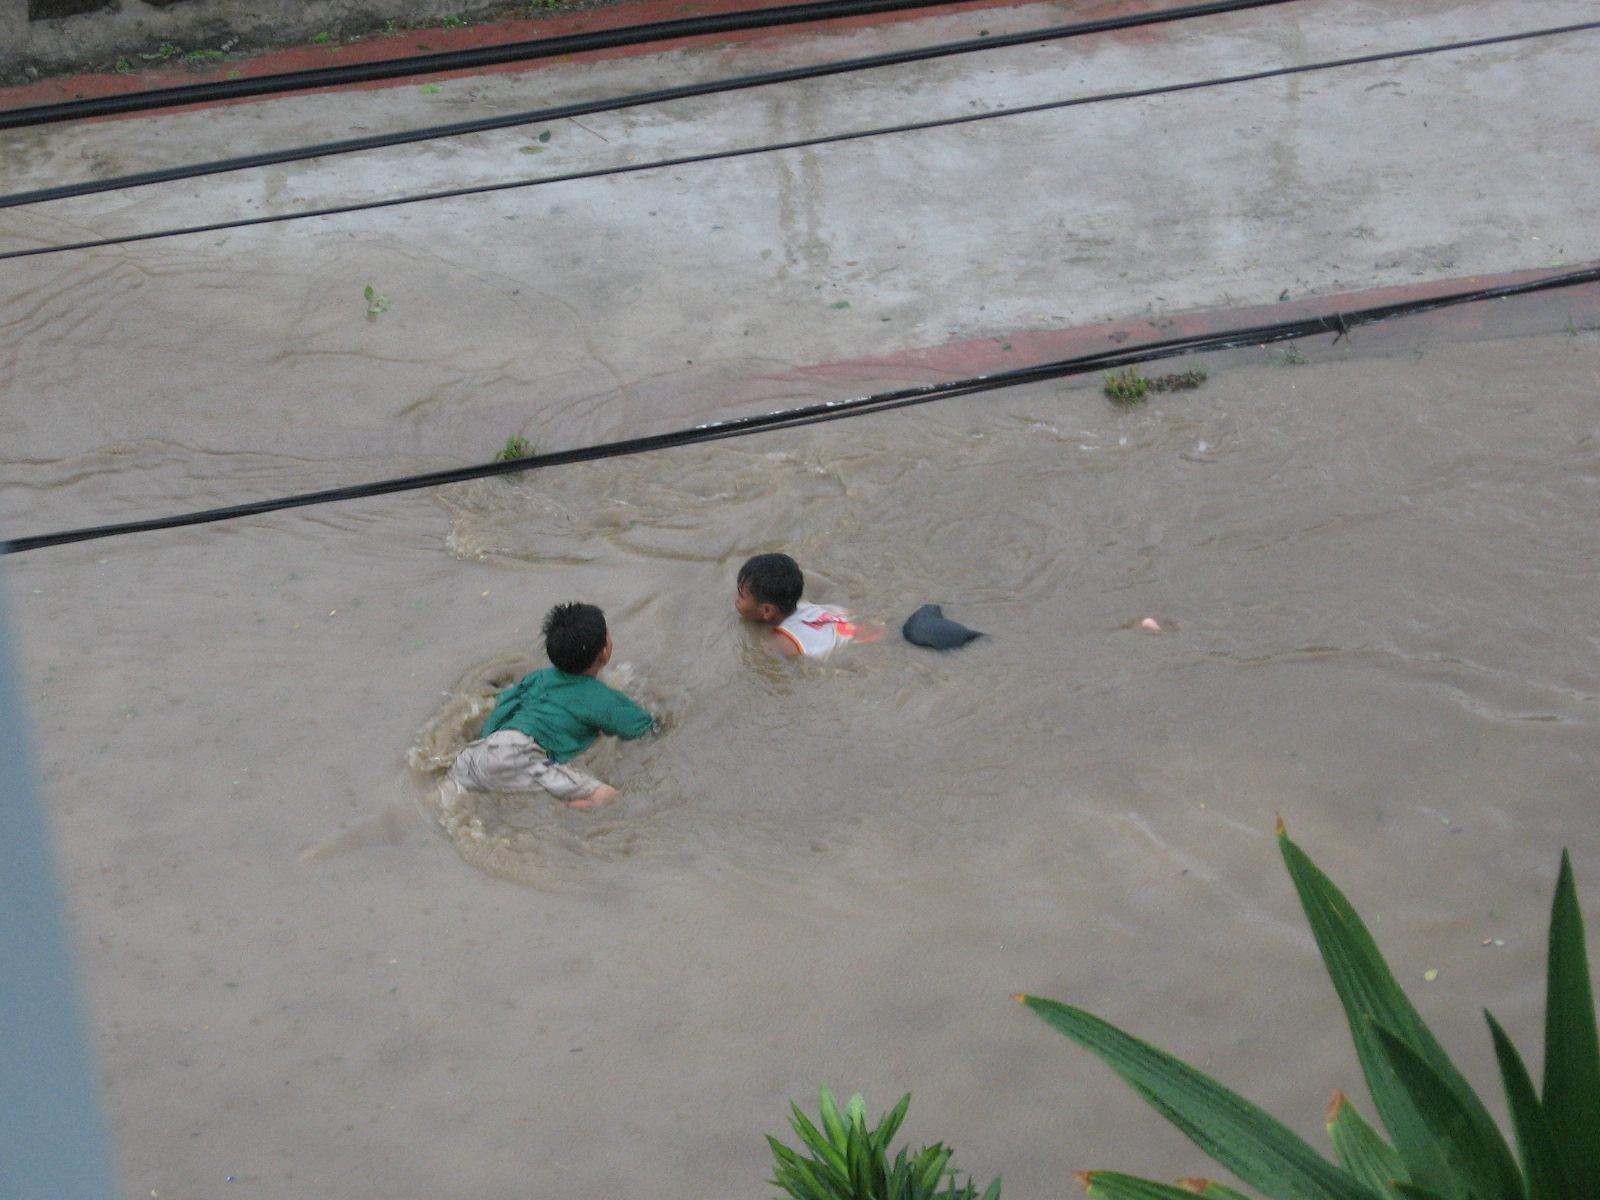 senaryo ng mga pagbaha tulad nang katuwaan ng mga batang naglalaro